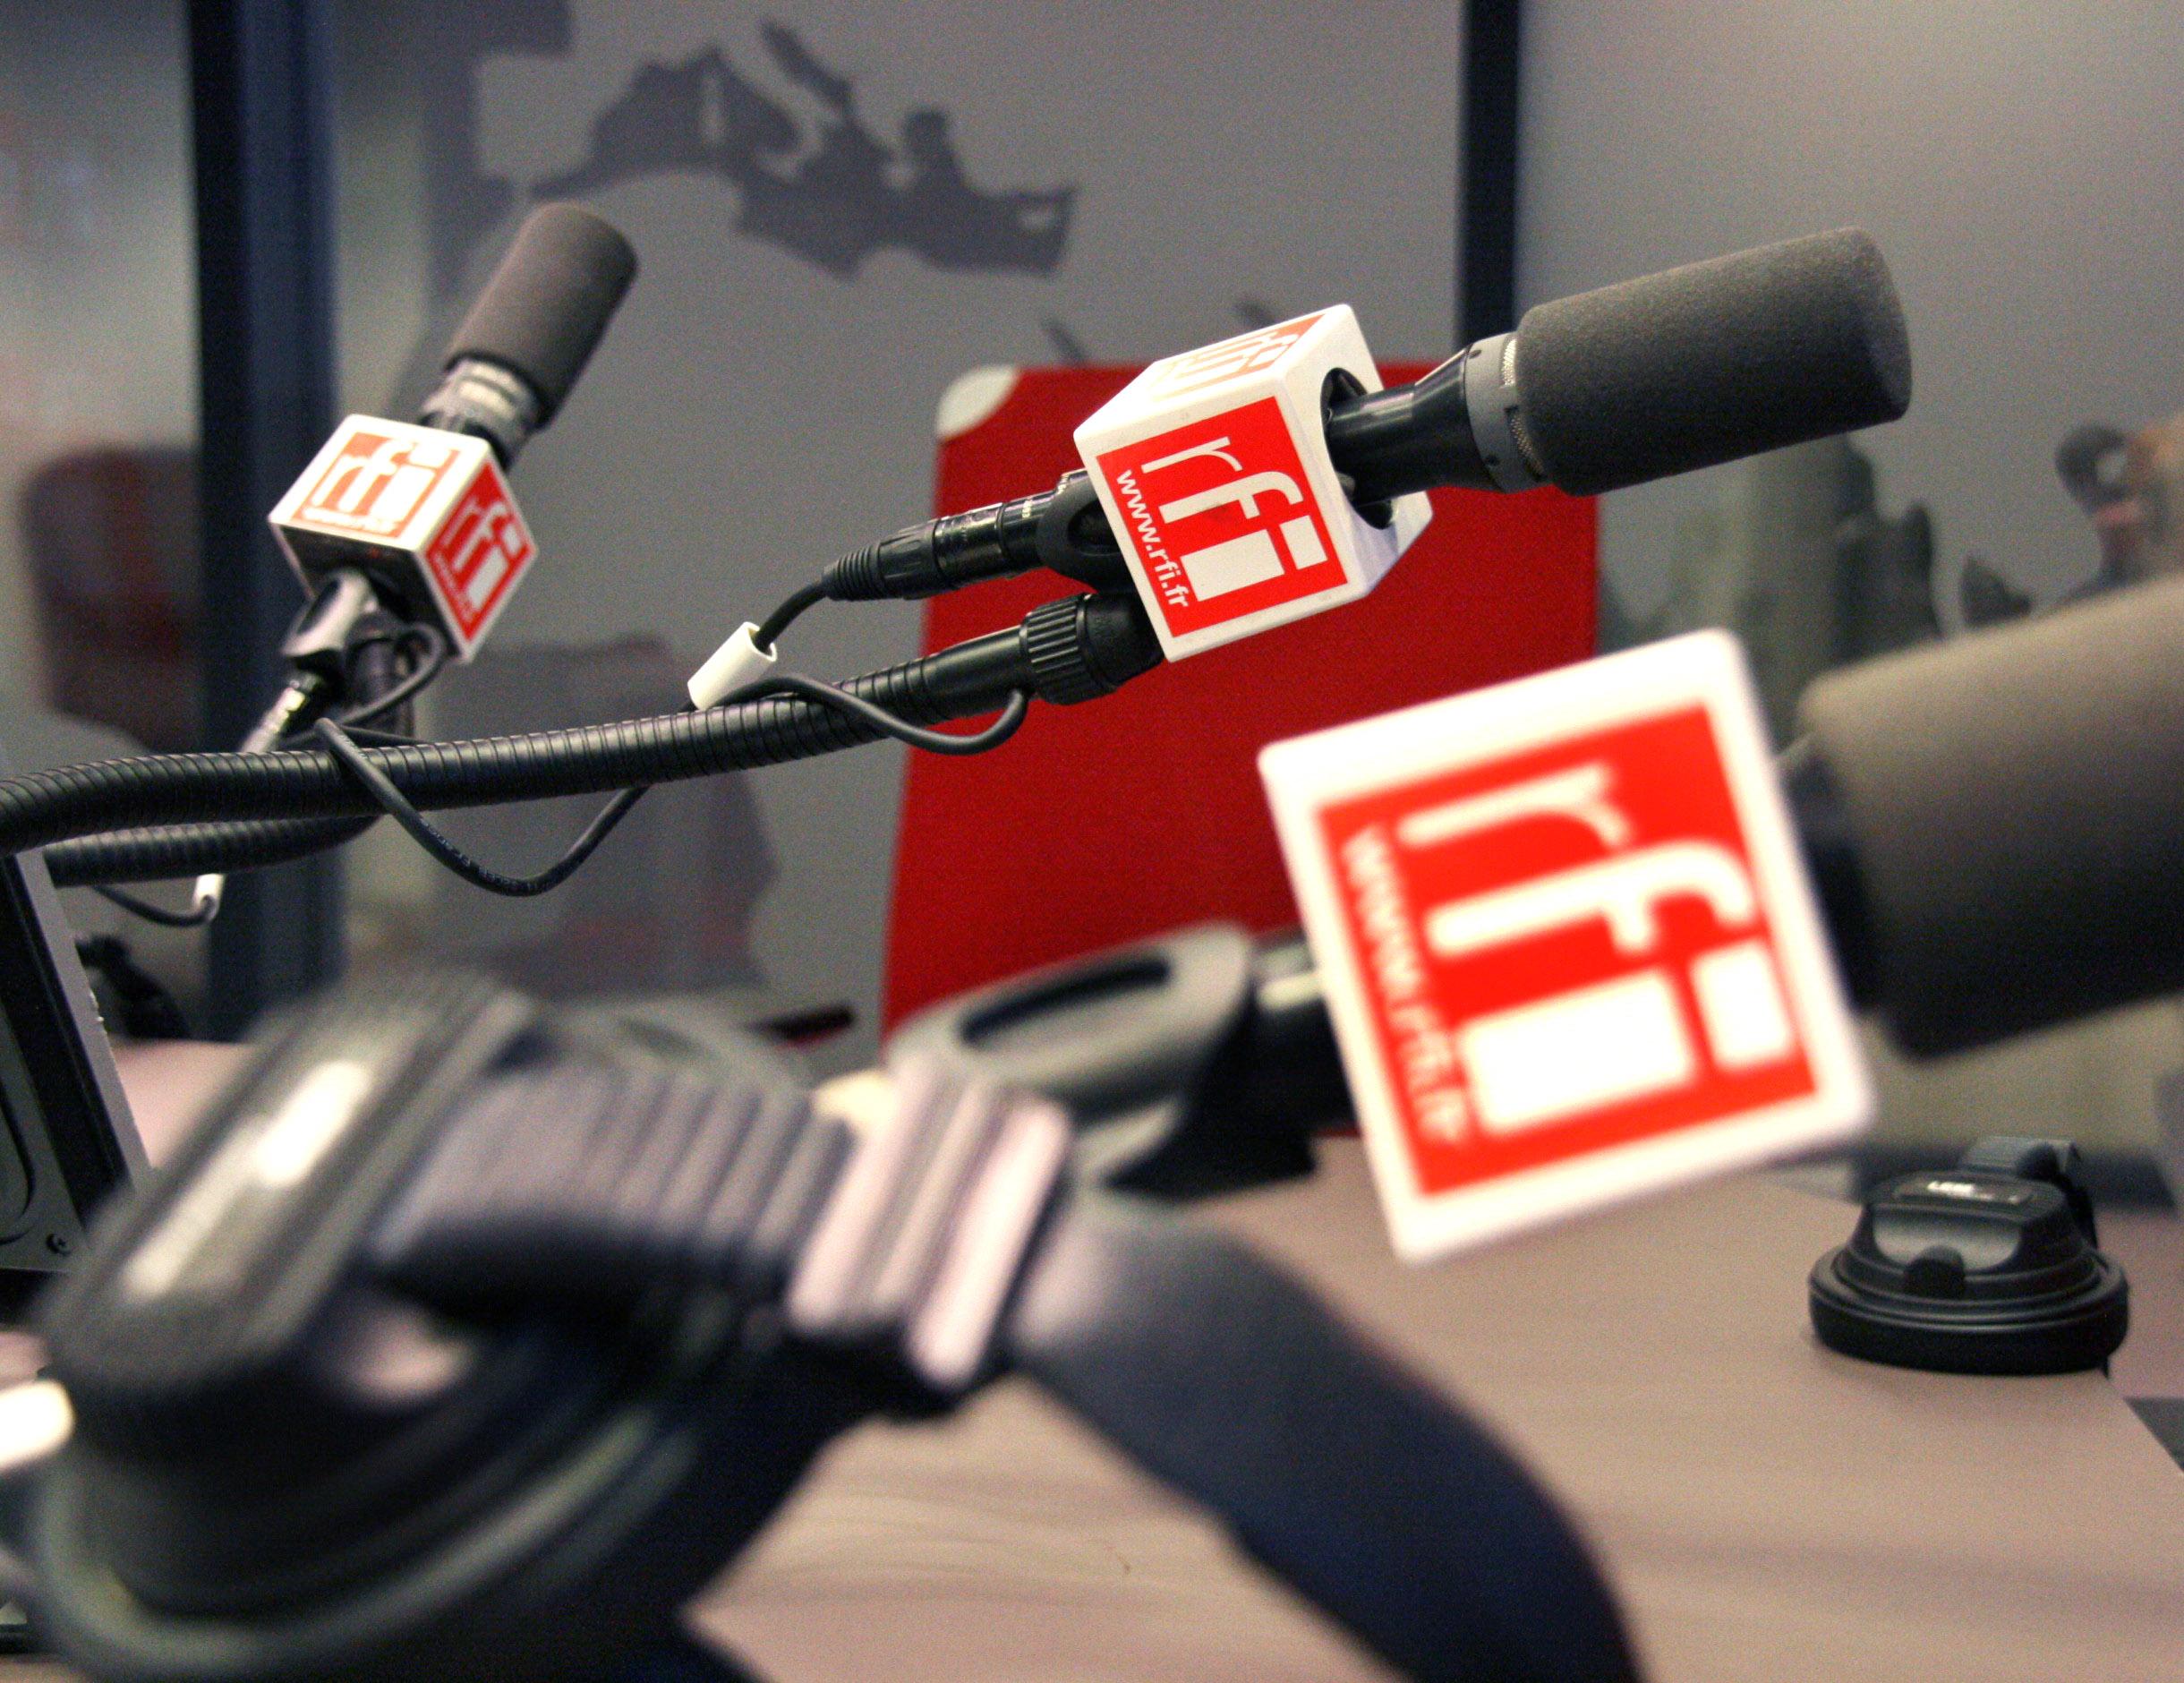 Ahmed Abba : RFI consternée, les avocats font appel